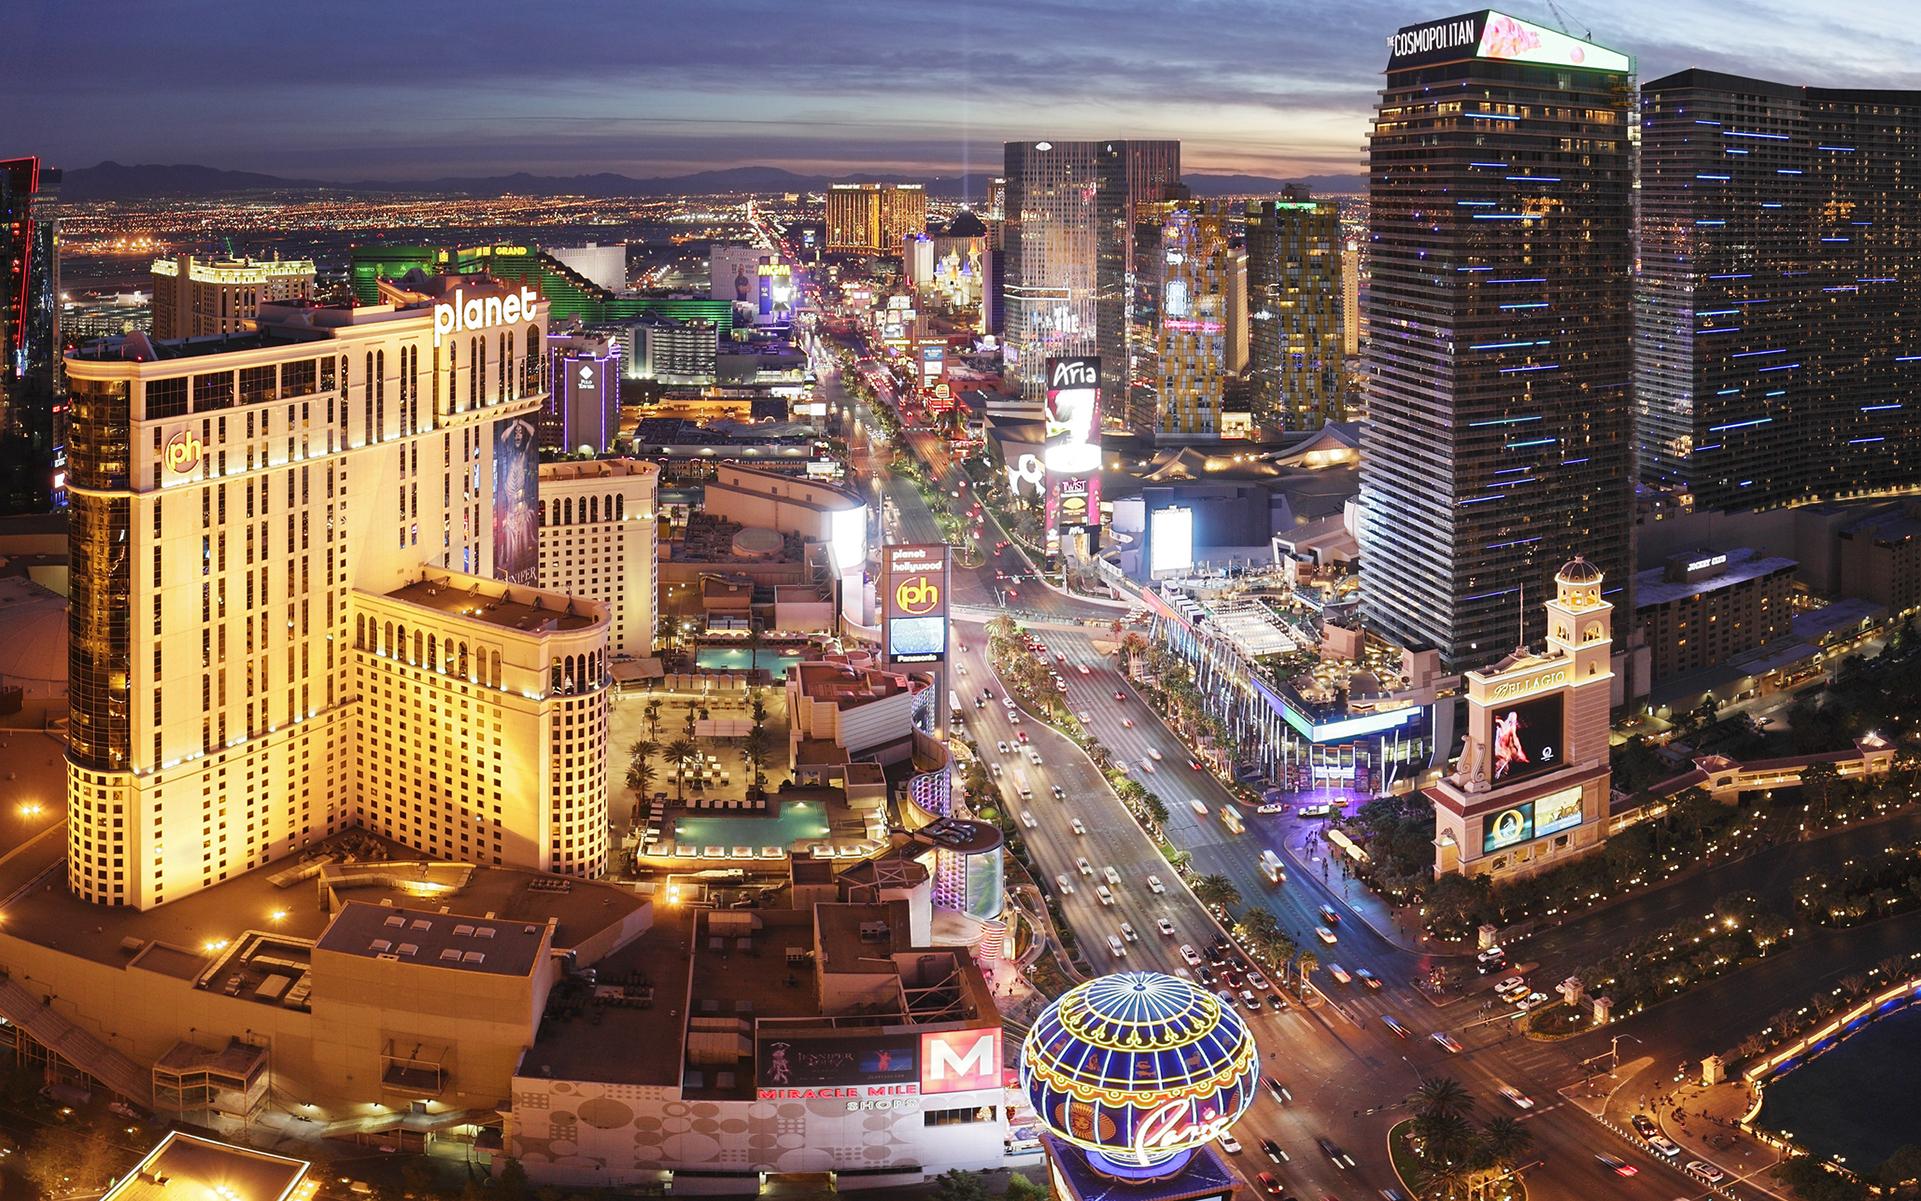 Las Vegas Blvd